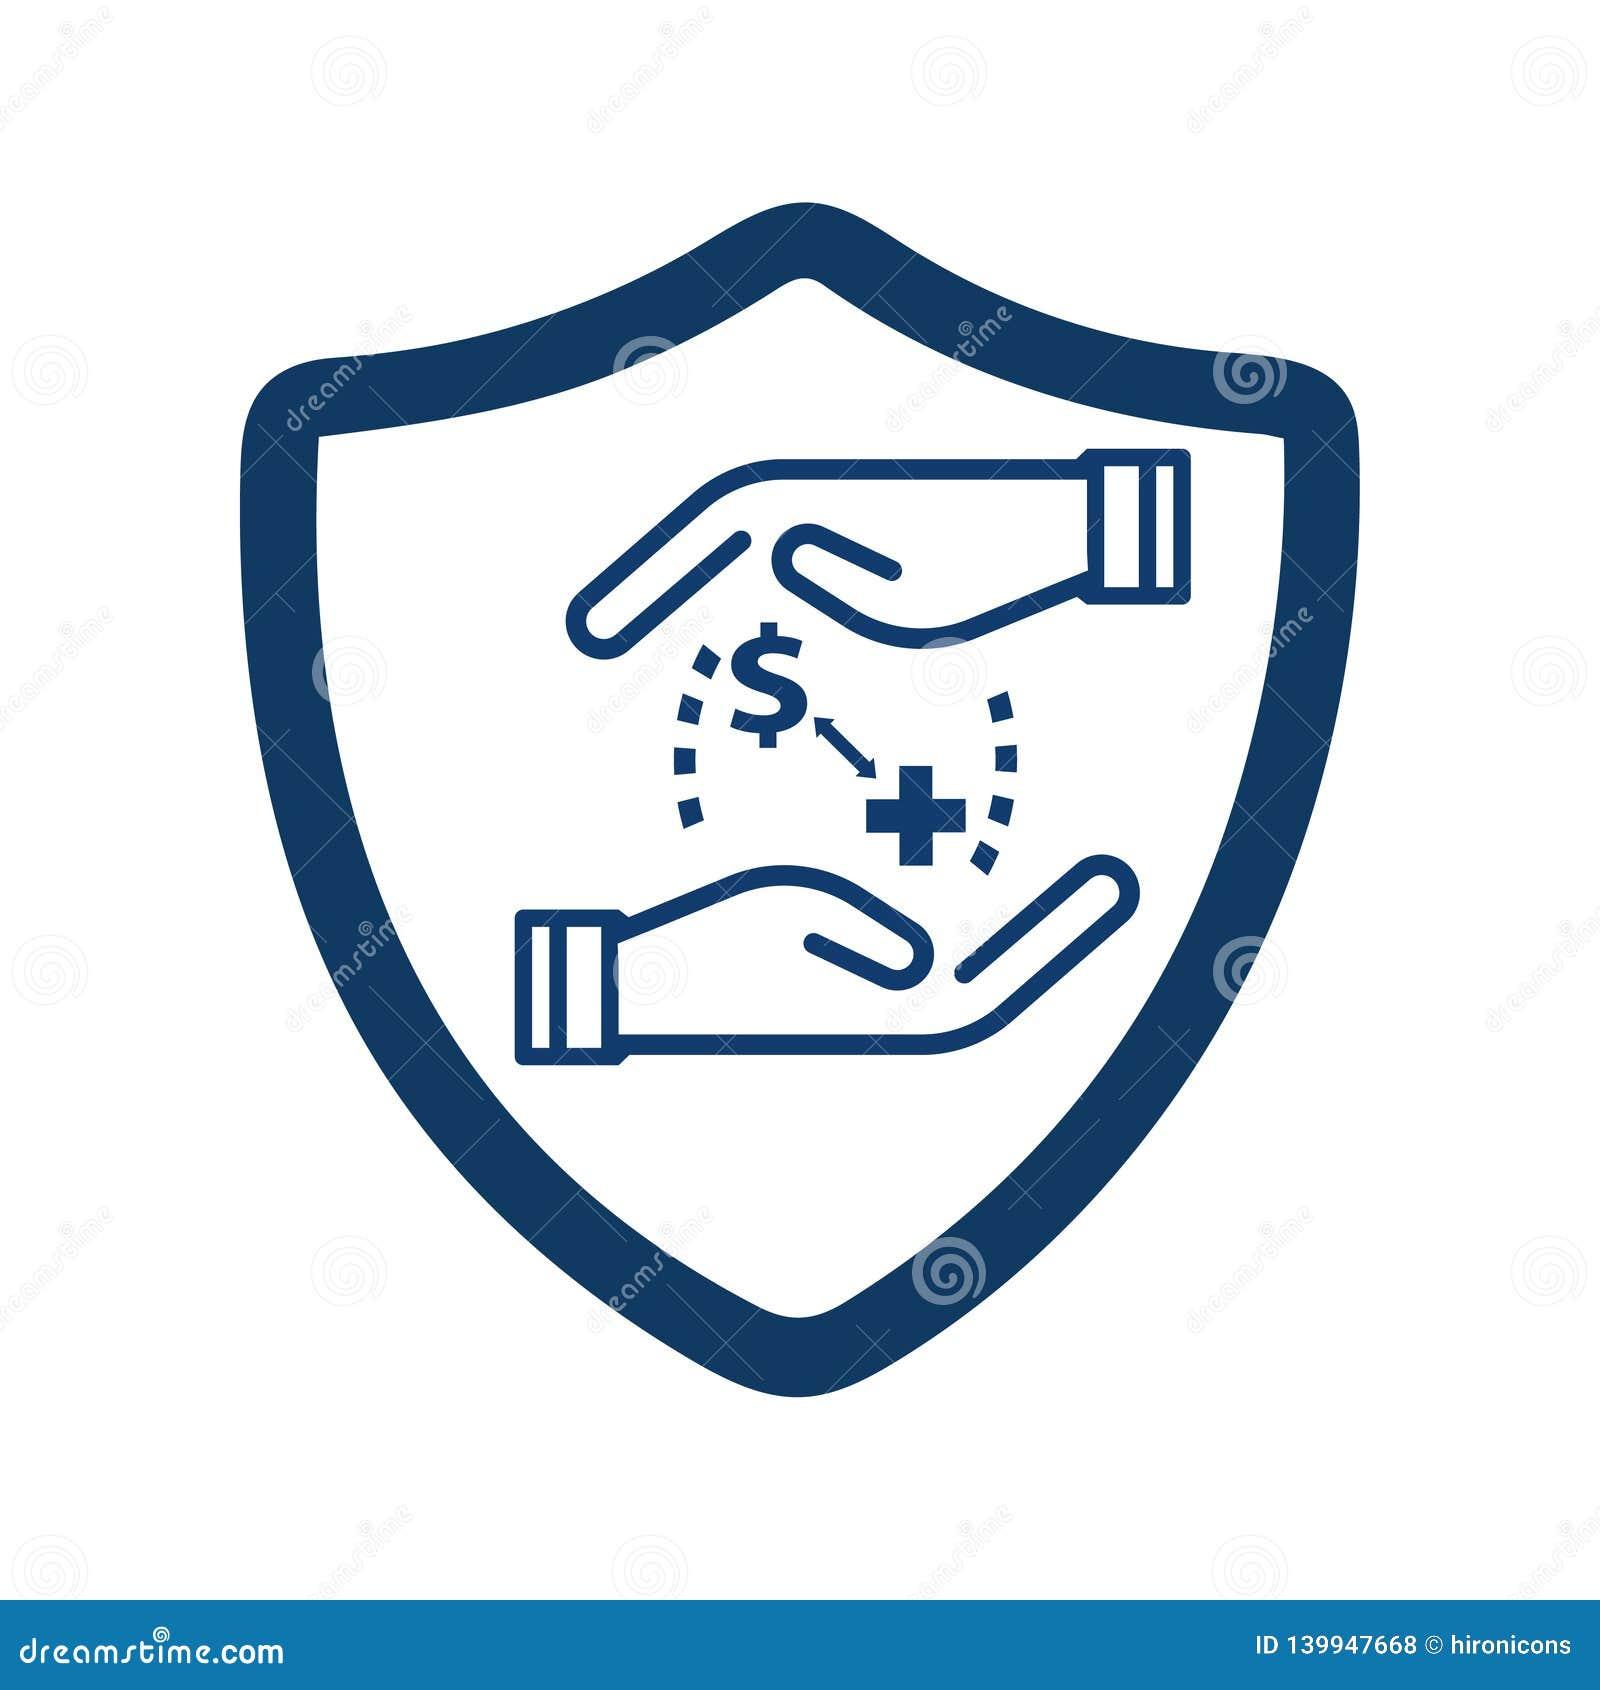 Health Insurance/Health Care Icon